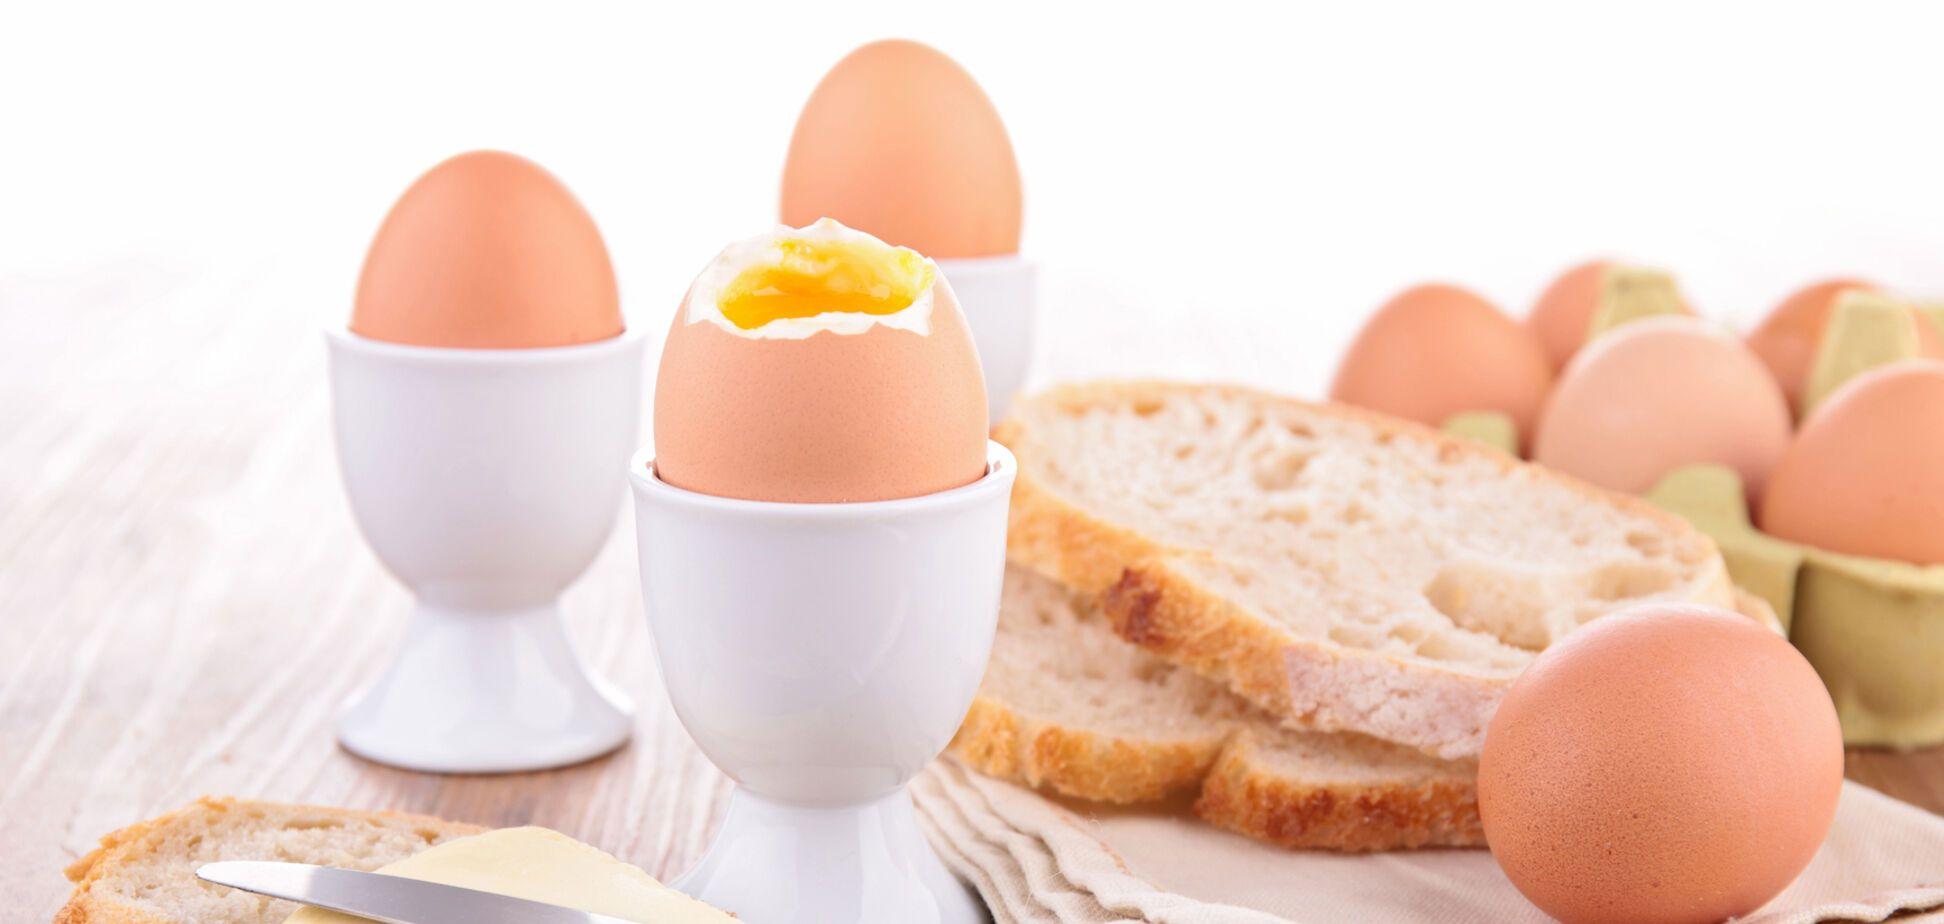 В книге ХХ века нашли правильный способ варить яйца